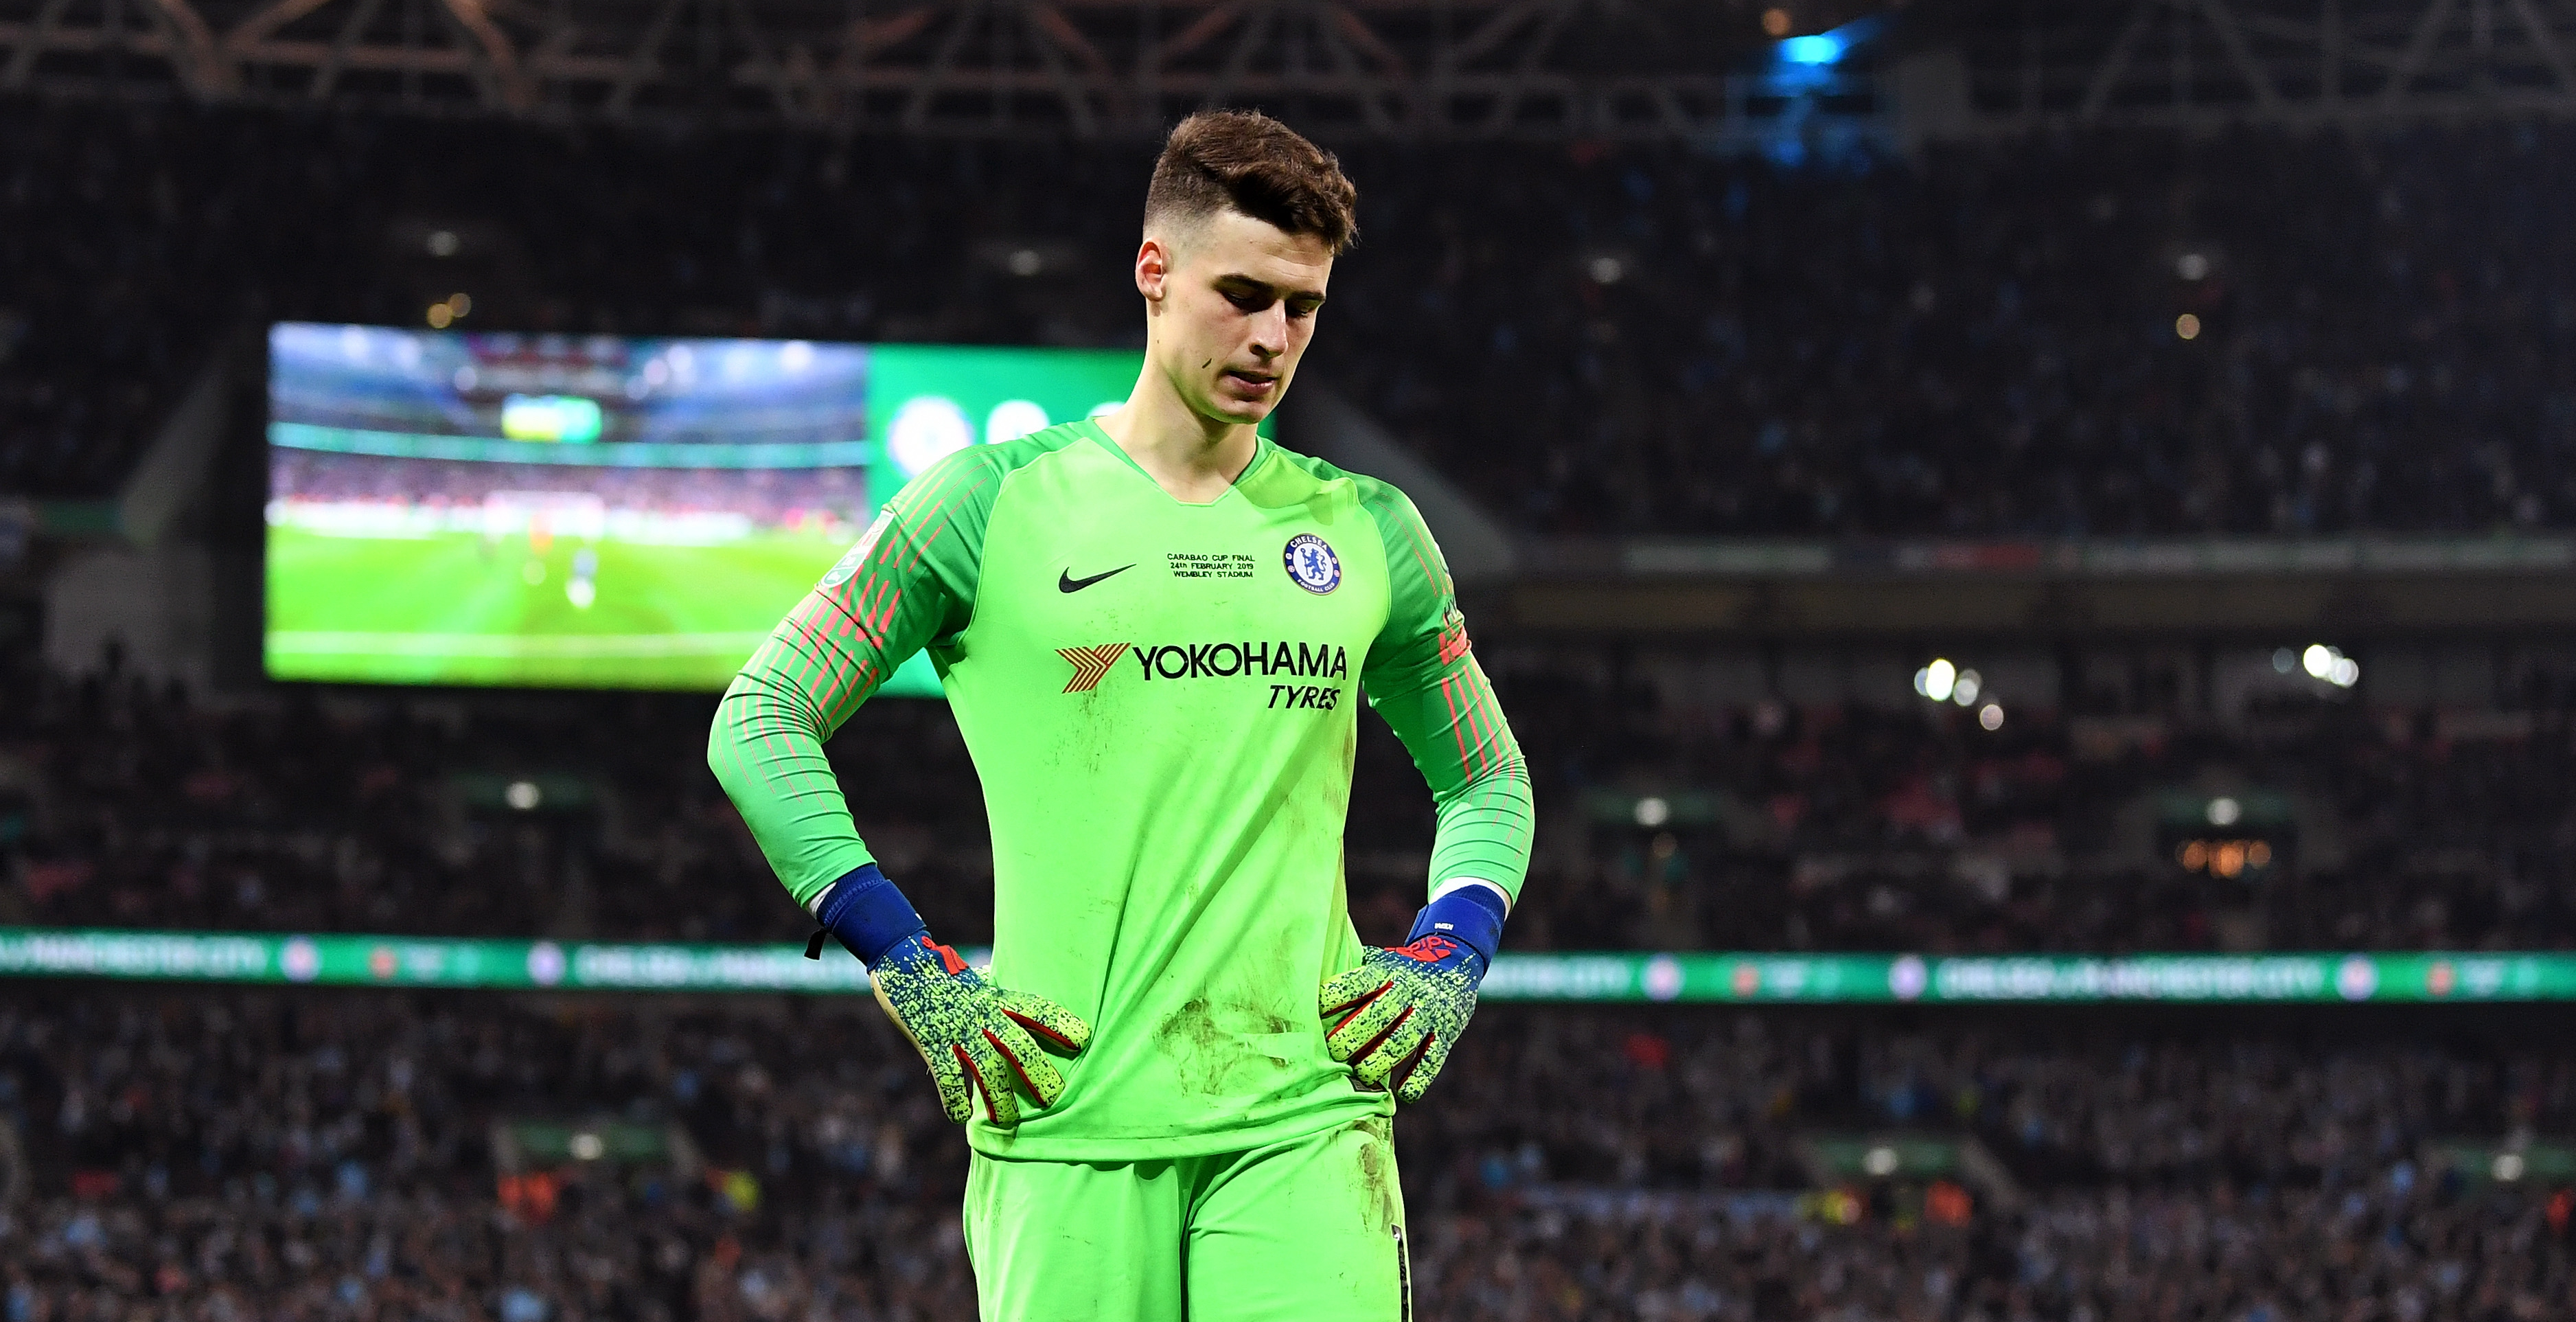 Kepa Arrizabalaga Chelsea Manchester City 02/24/19